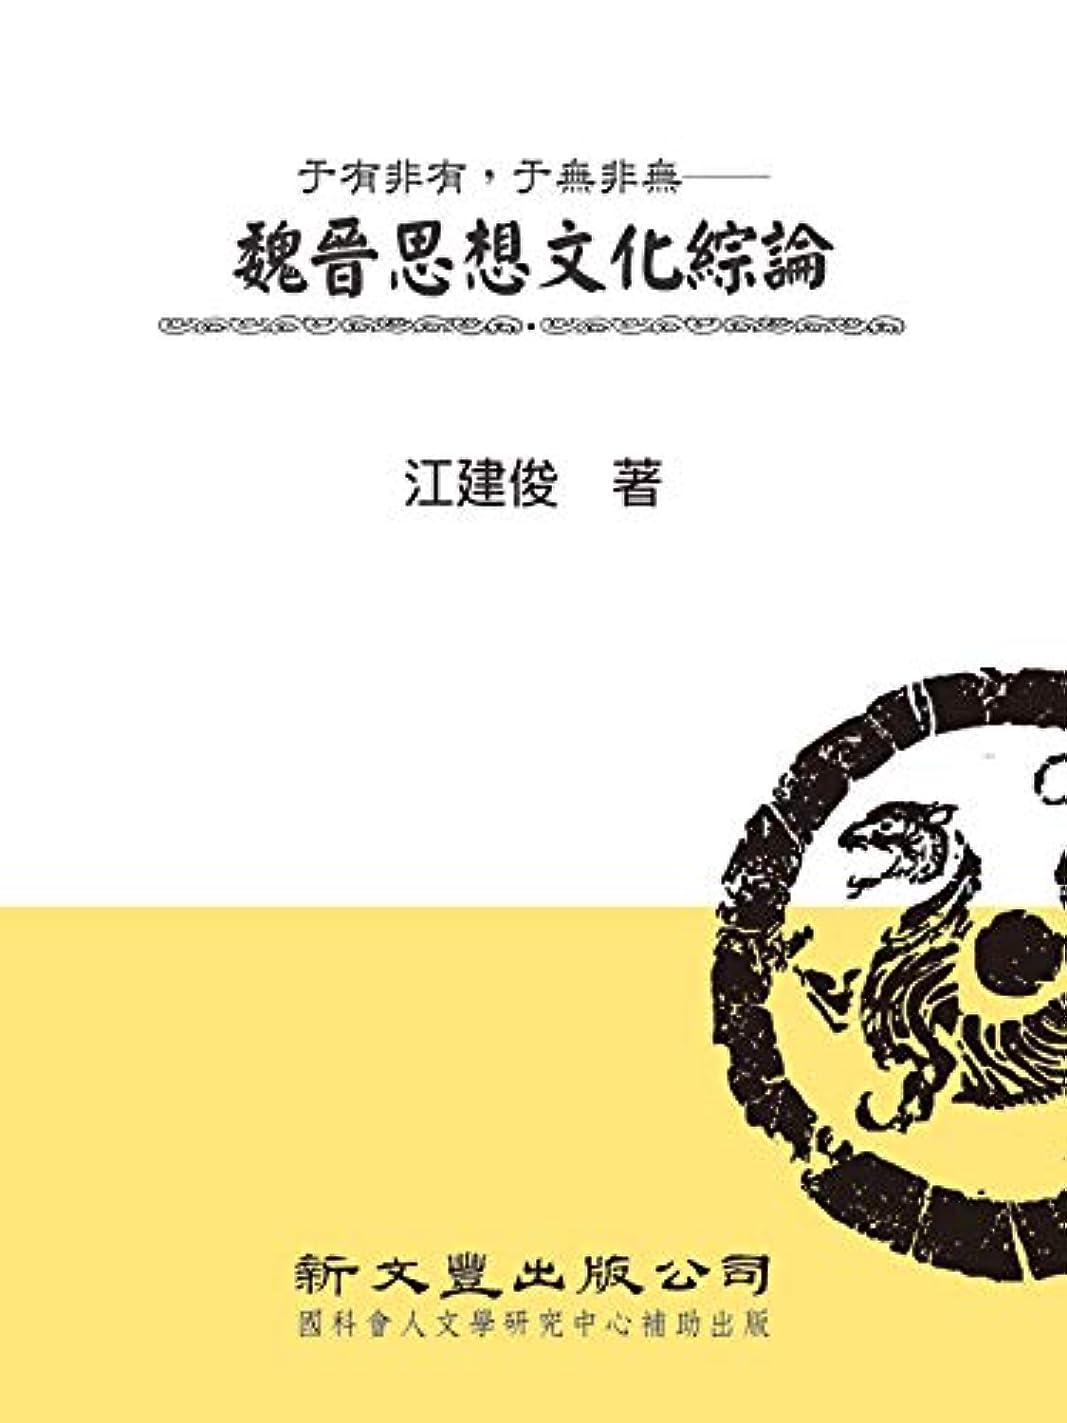 航海の少し反発する于有非有,于無非無──魏晉思想文化綜論 (Traditional Chinese Edition)